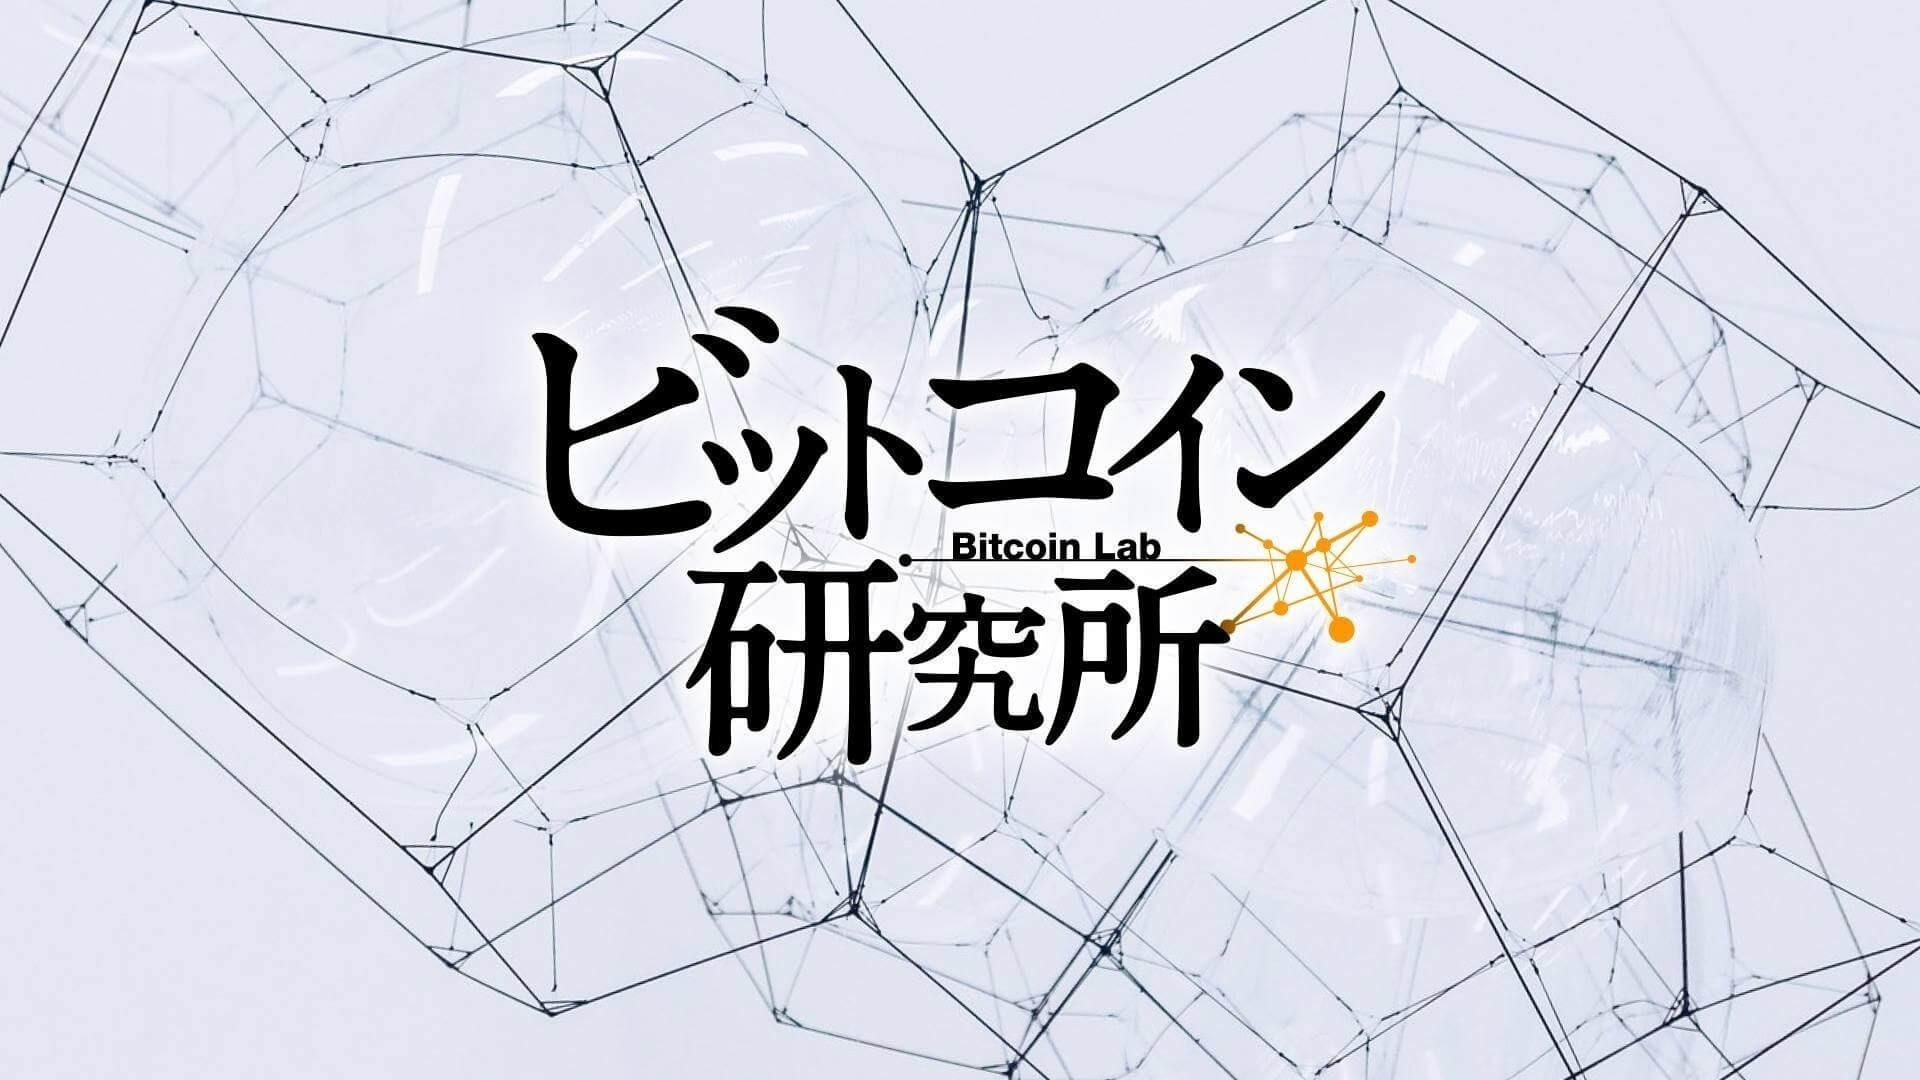 ビットコイン研究所